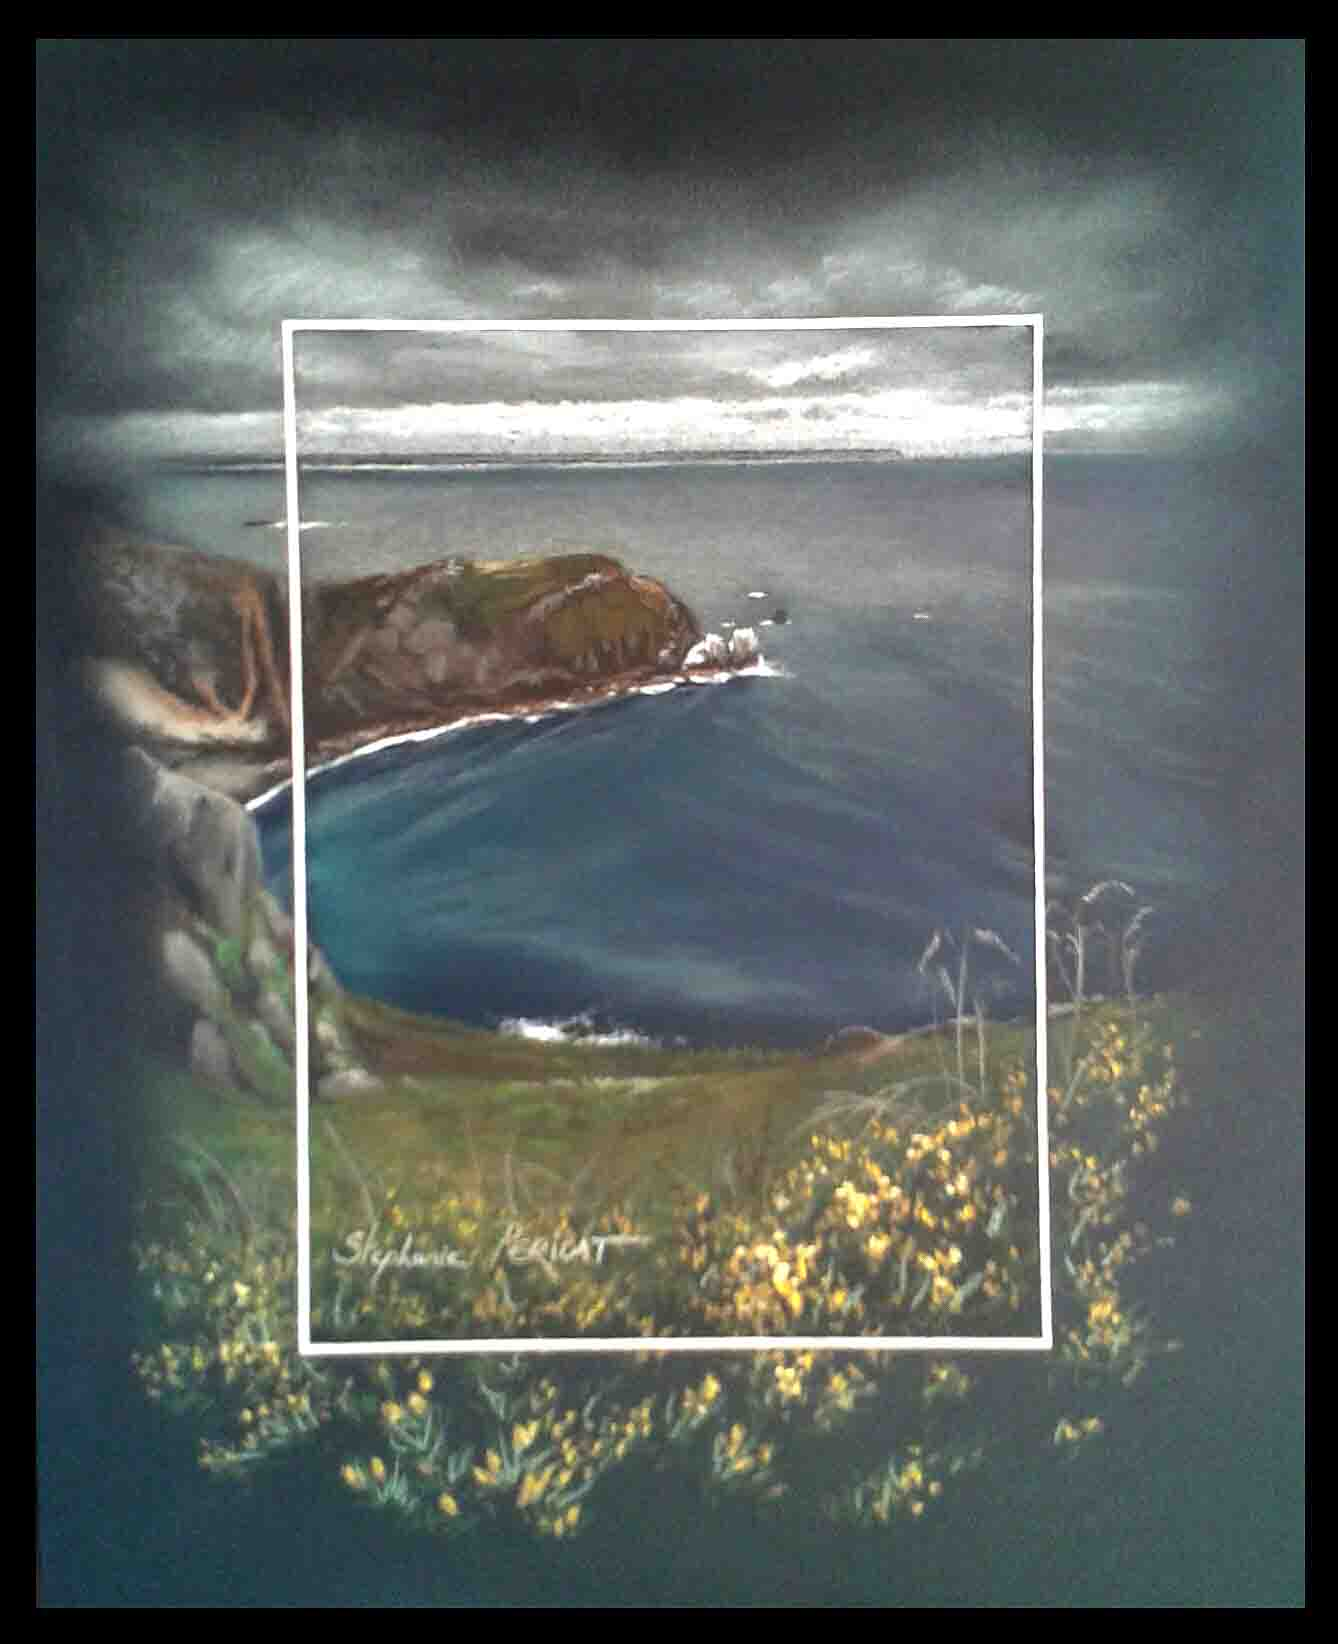 NEZ DE JOBOURG (pointe of jobourg) - pastel sec (soft pastel) - 24x30cm